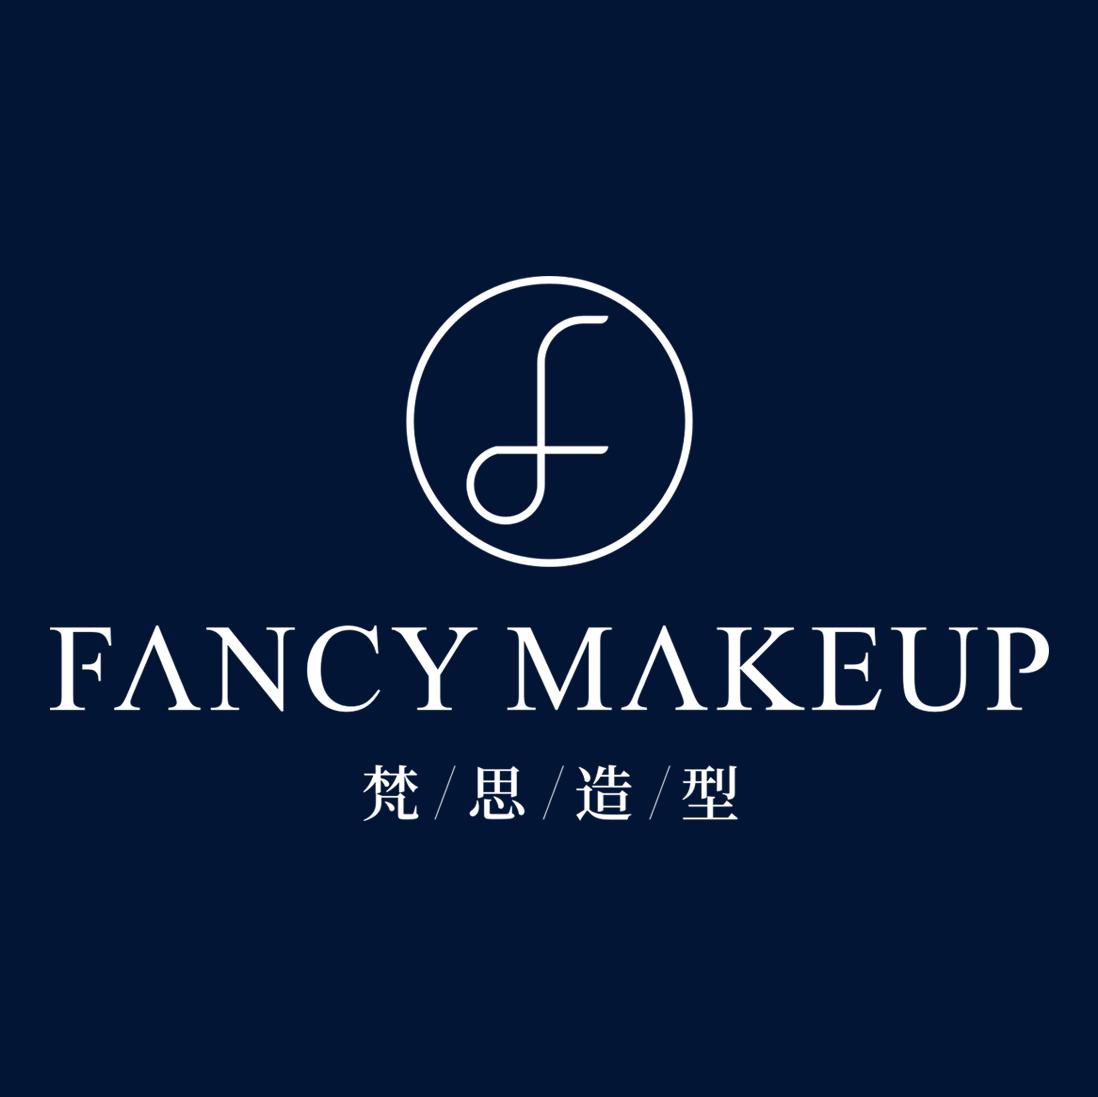 梵思造型FANCY MAKEUP